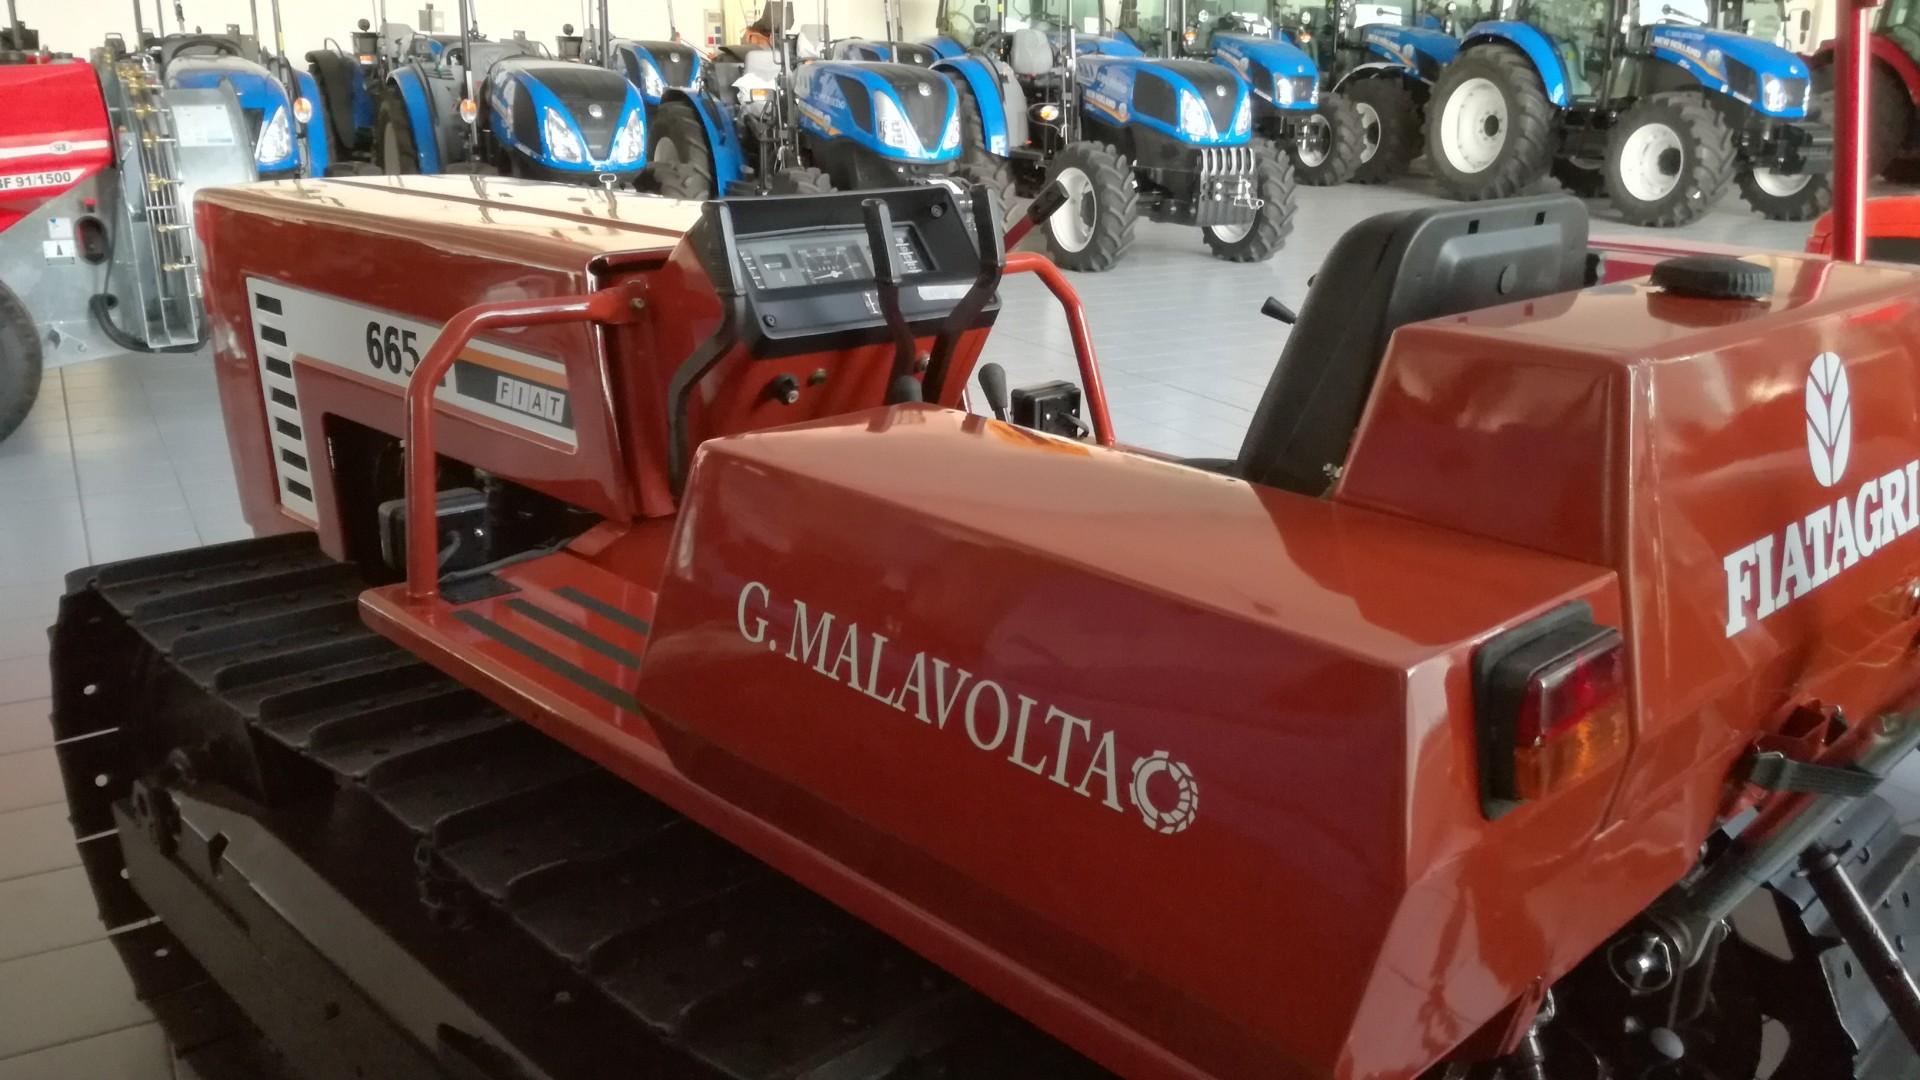 trattore cingolato usato fiat 665 in buono stato